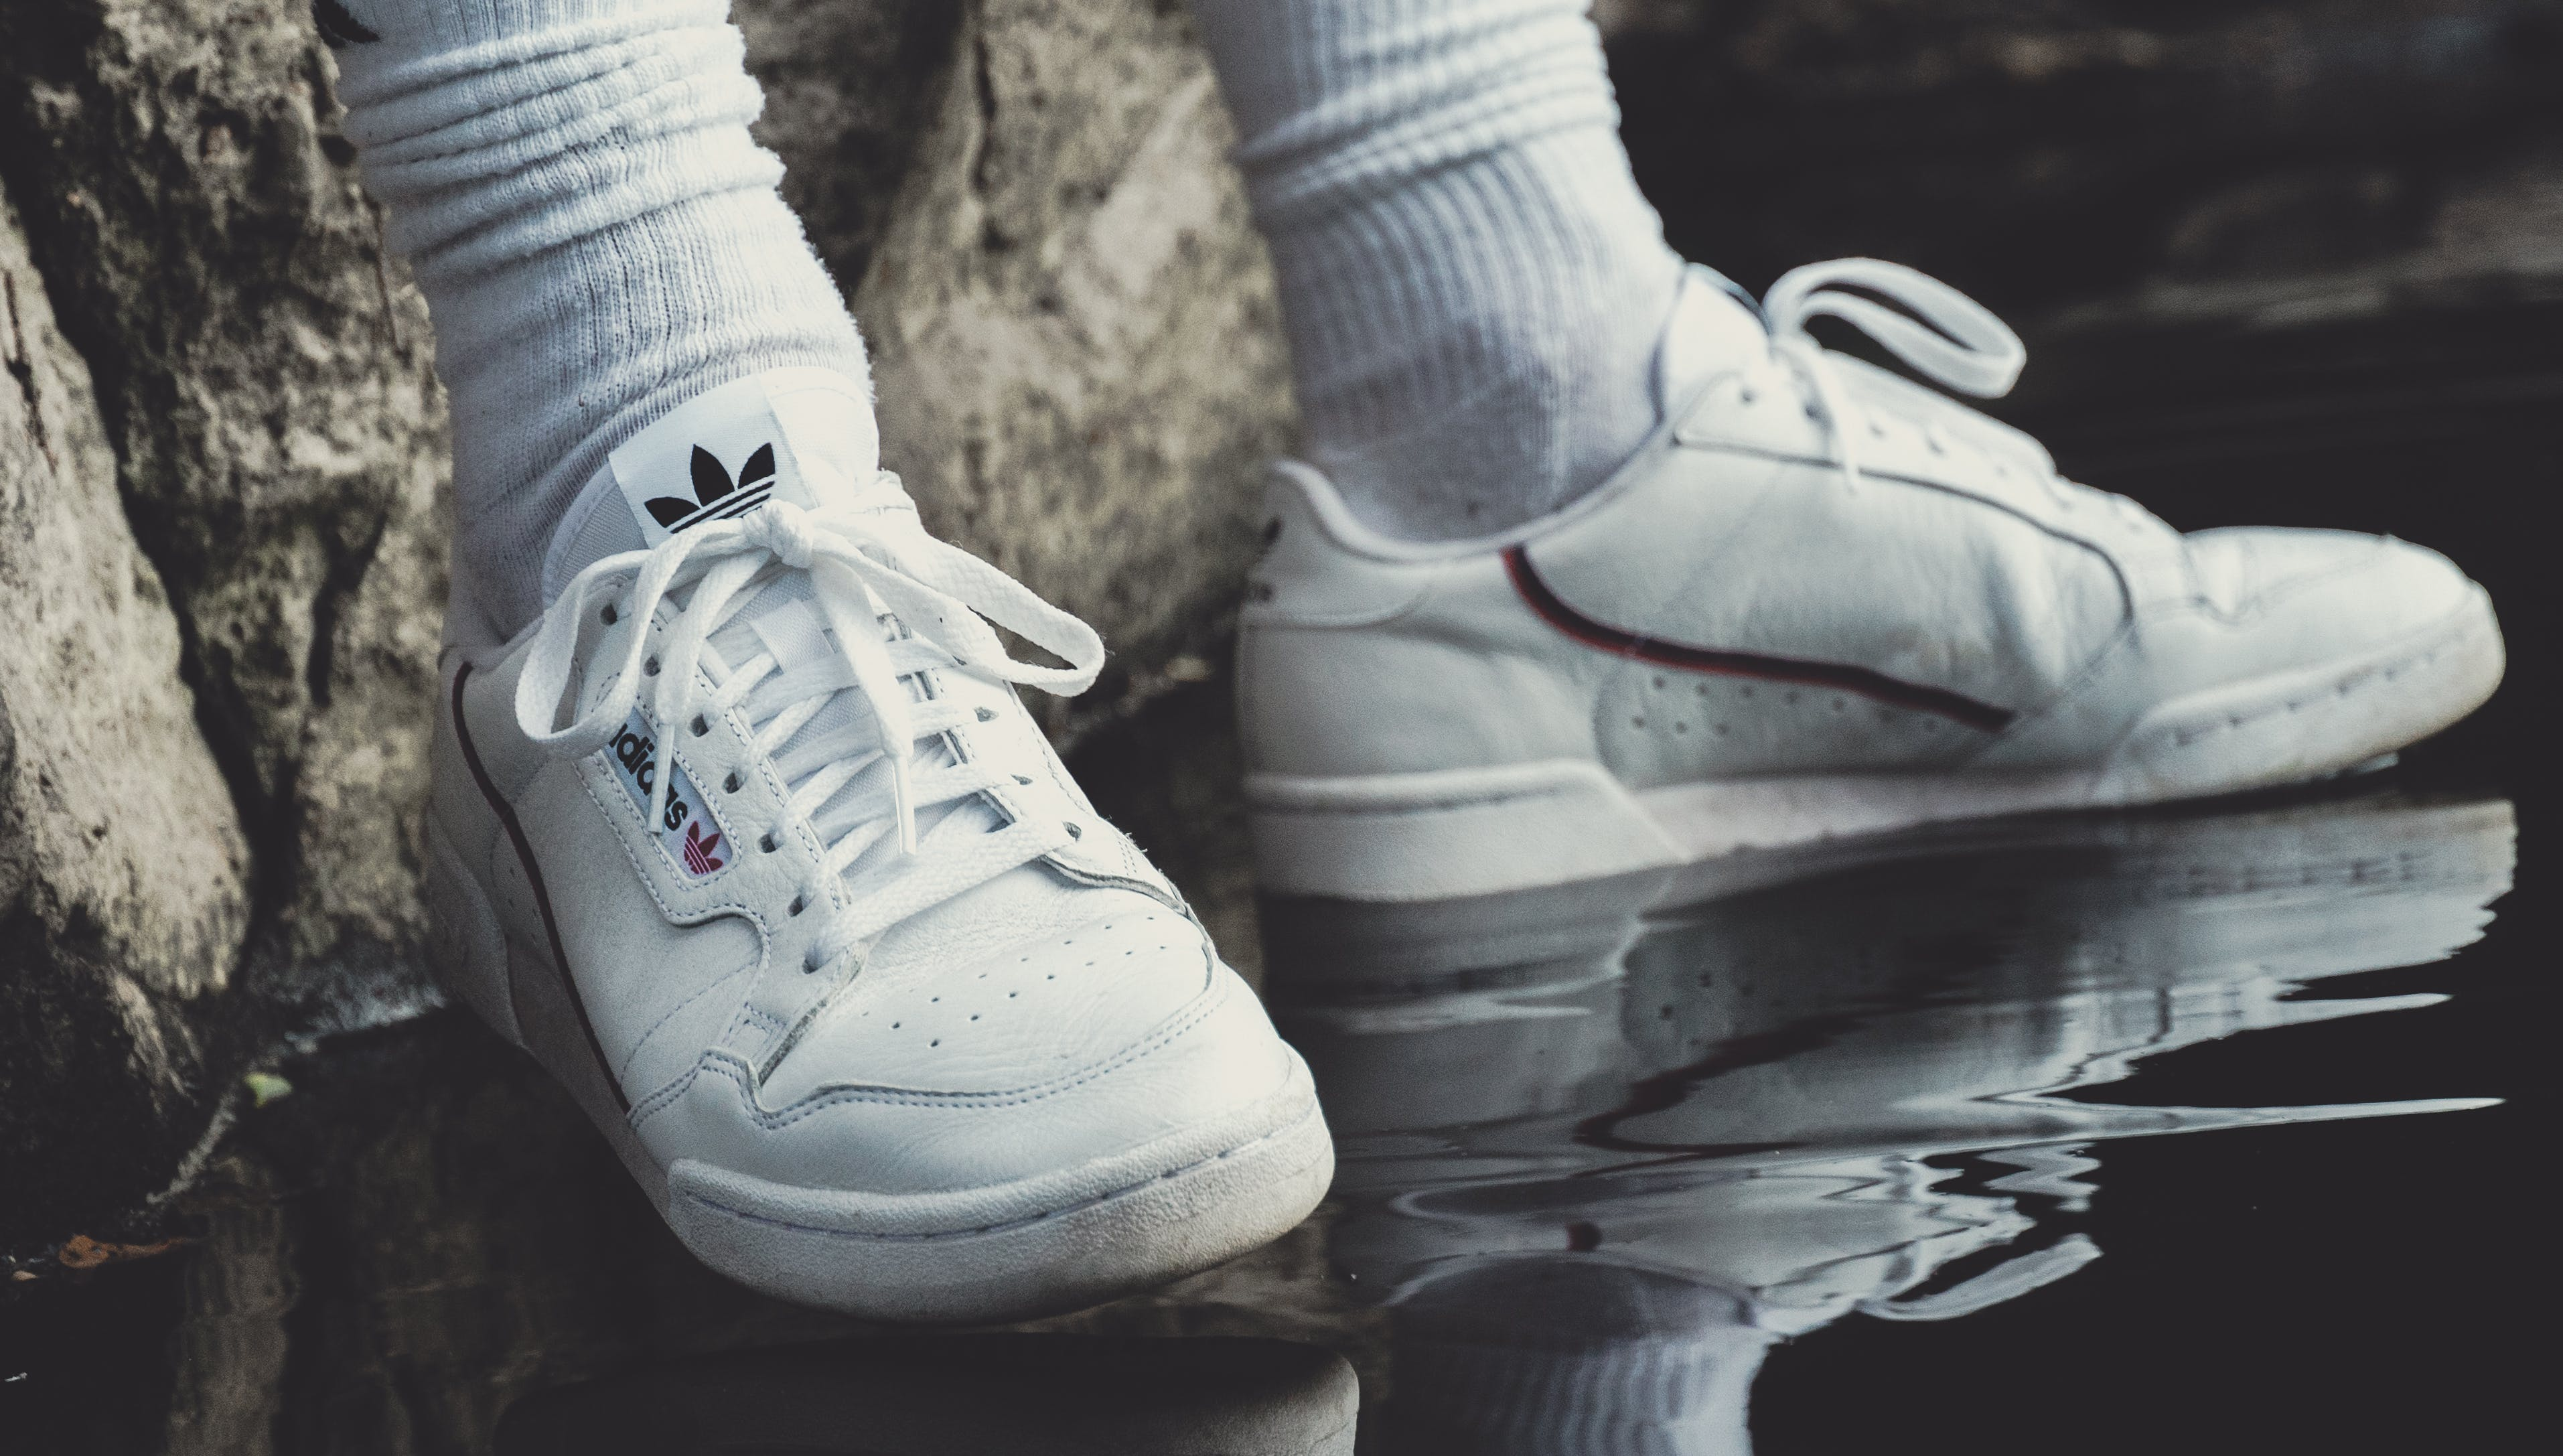 αθλητικά παπούτσια, κάλτσες, μόδα